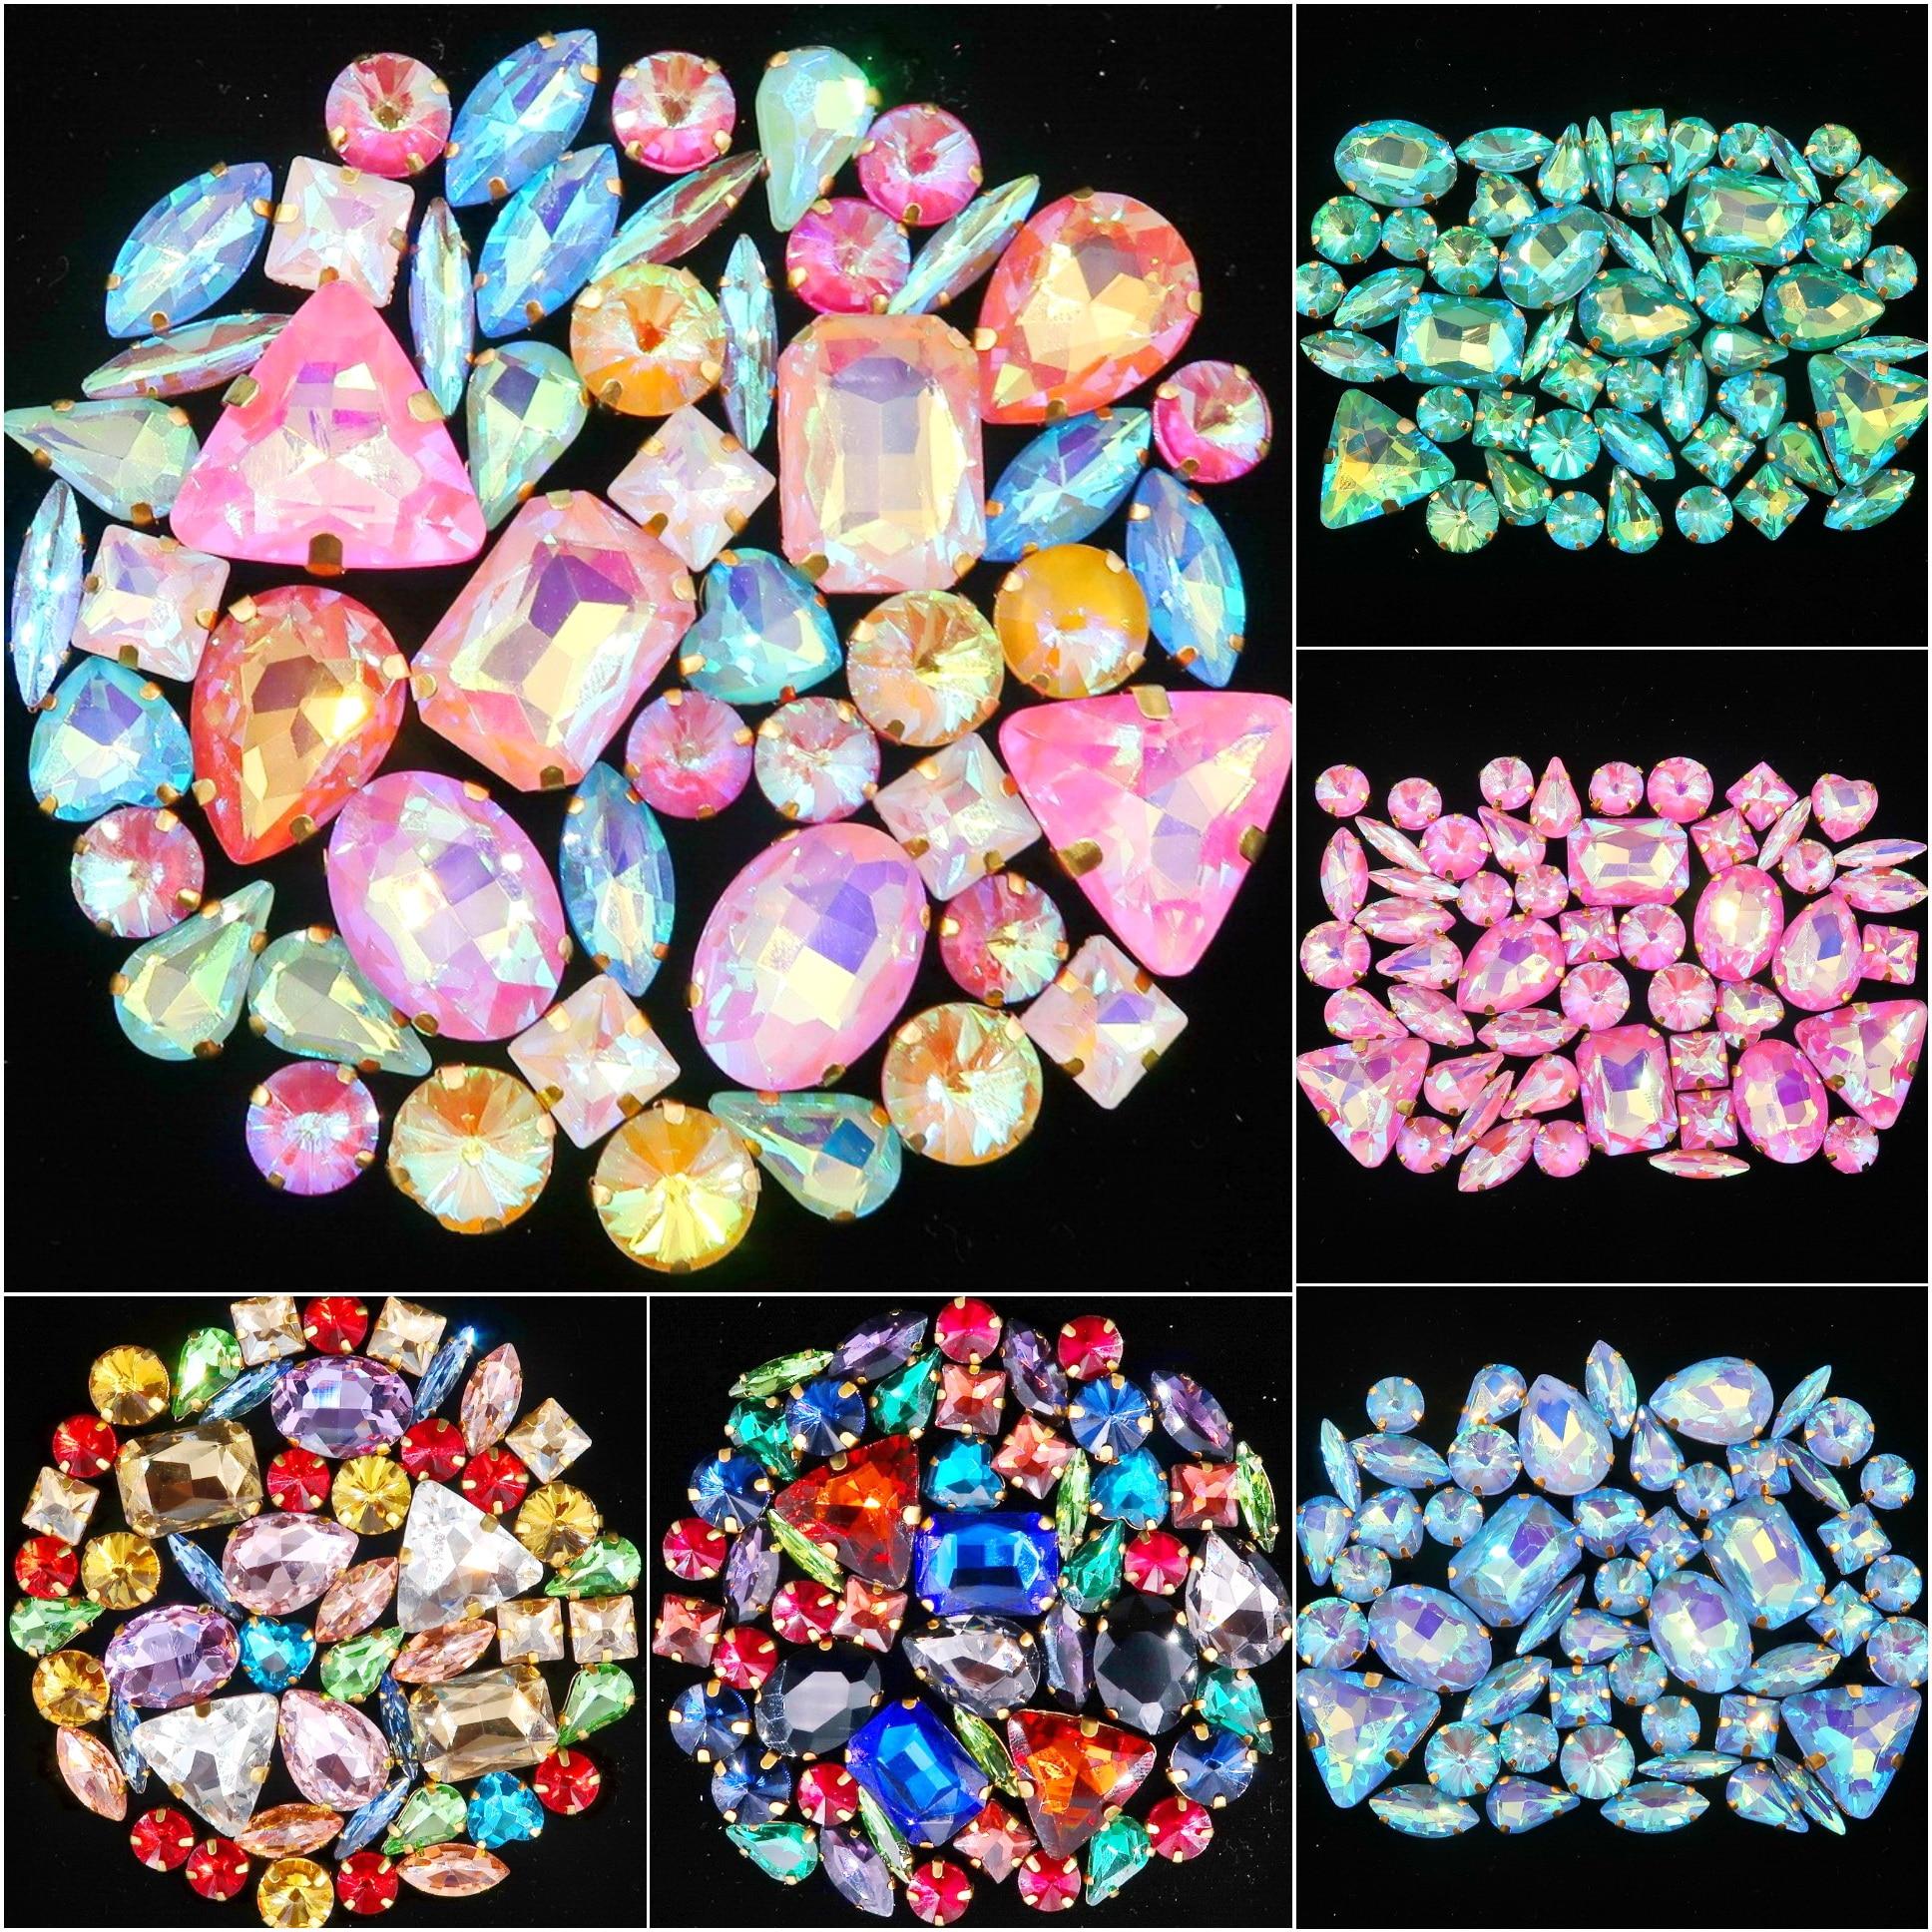 Набор золотых когтей, 50 штук/пакет, смешанные формы, прозрачные и желейные конфеты, AB, стеклянные кристаллы, пришитые Стразы, свадебные модельные туфли, сумки, сделай сам, отделка